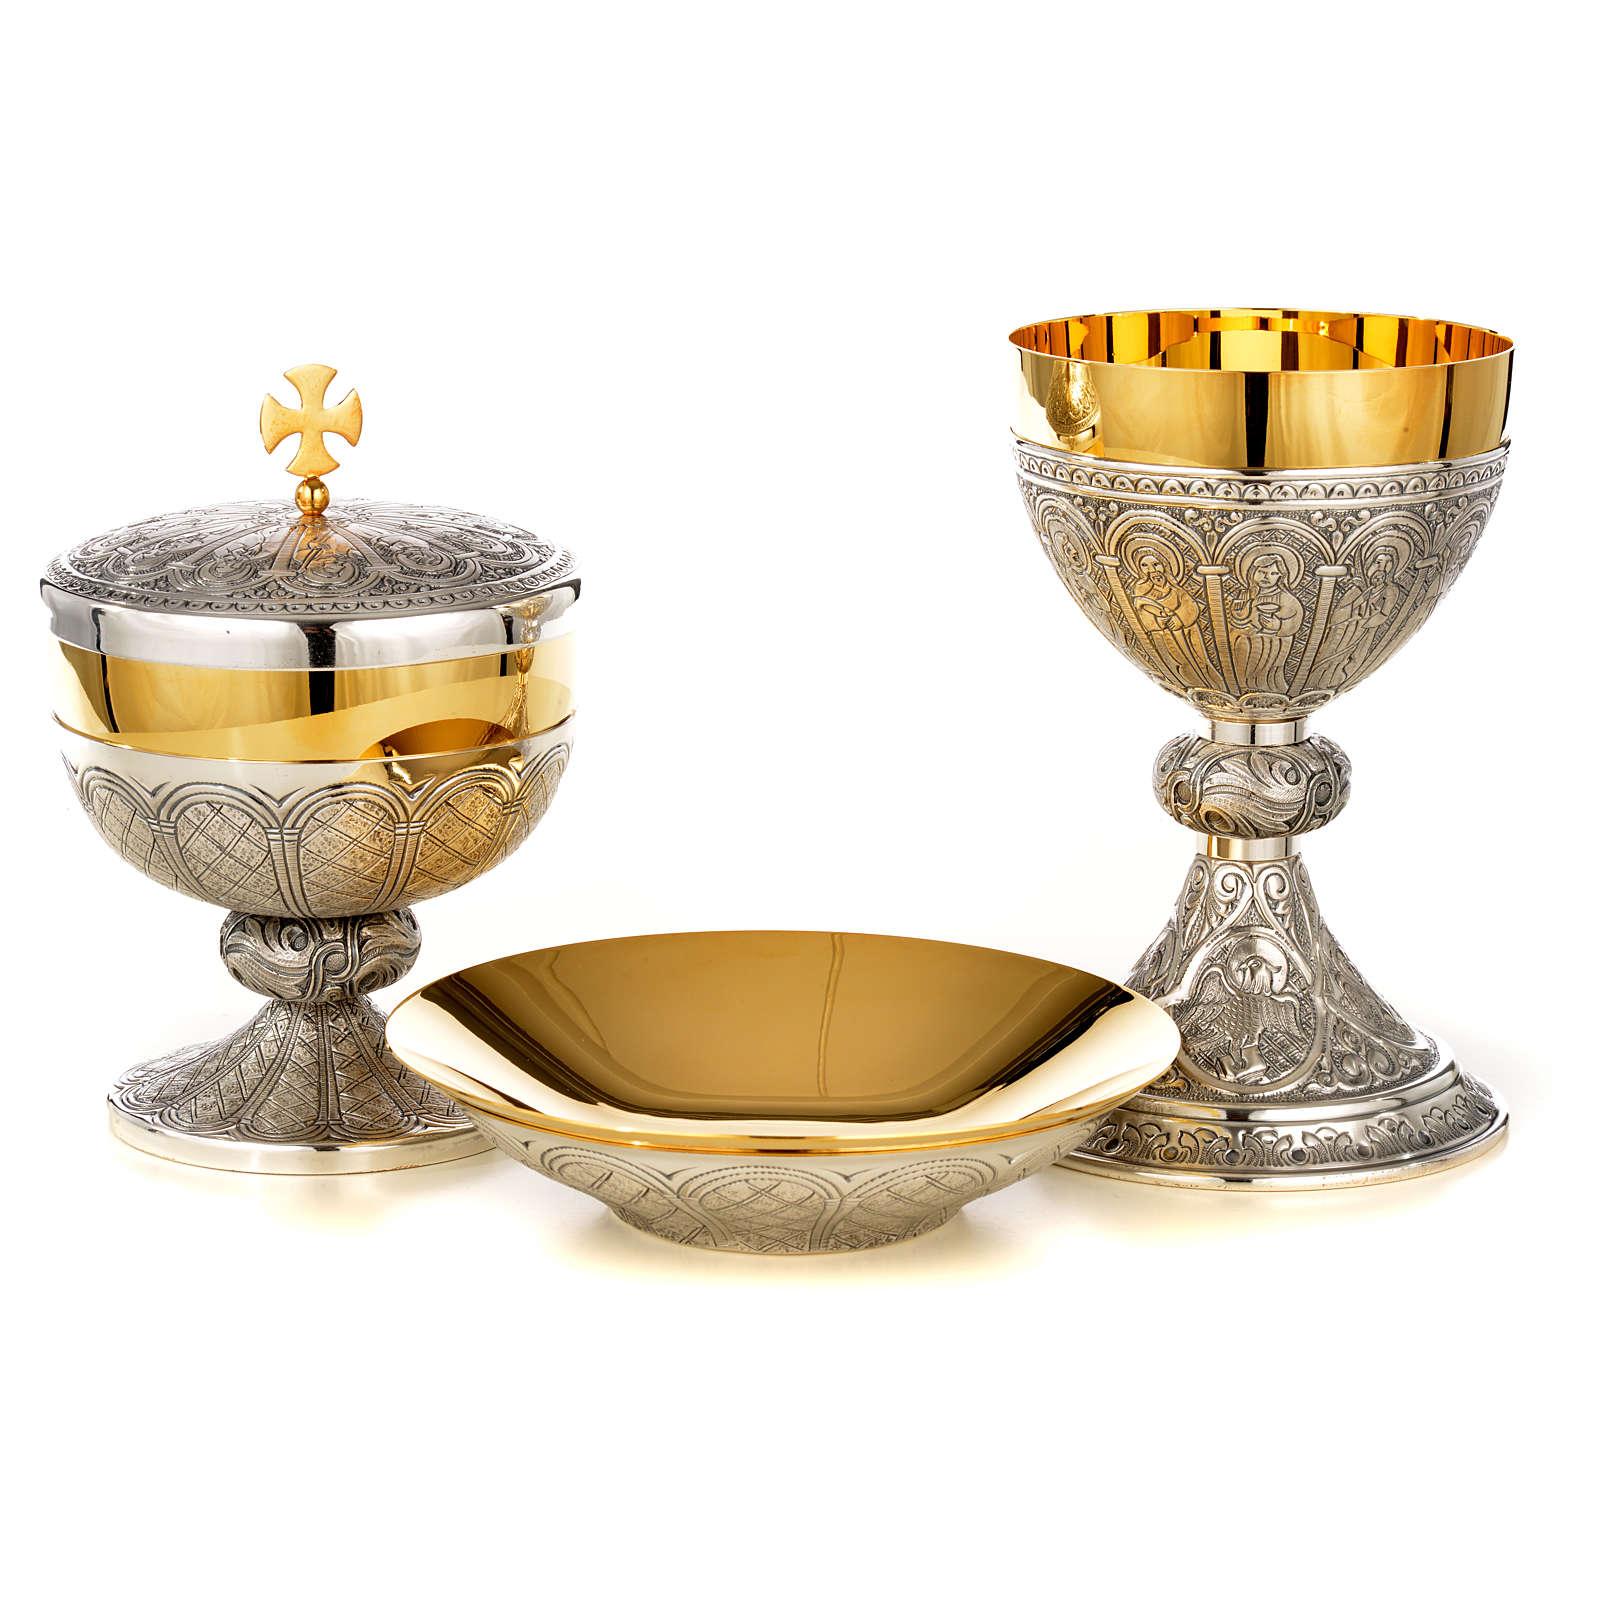 Kielich puszka patena 12 apostołów mosiądz srebro 4